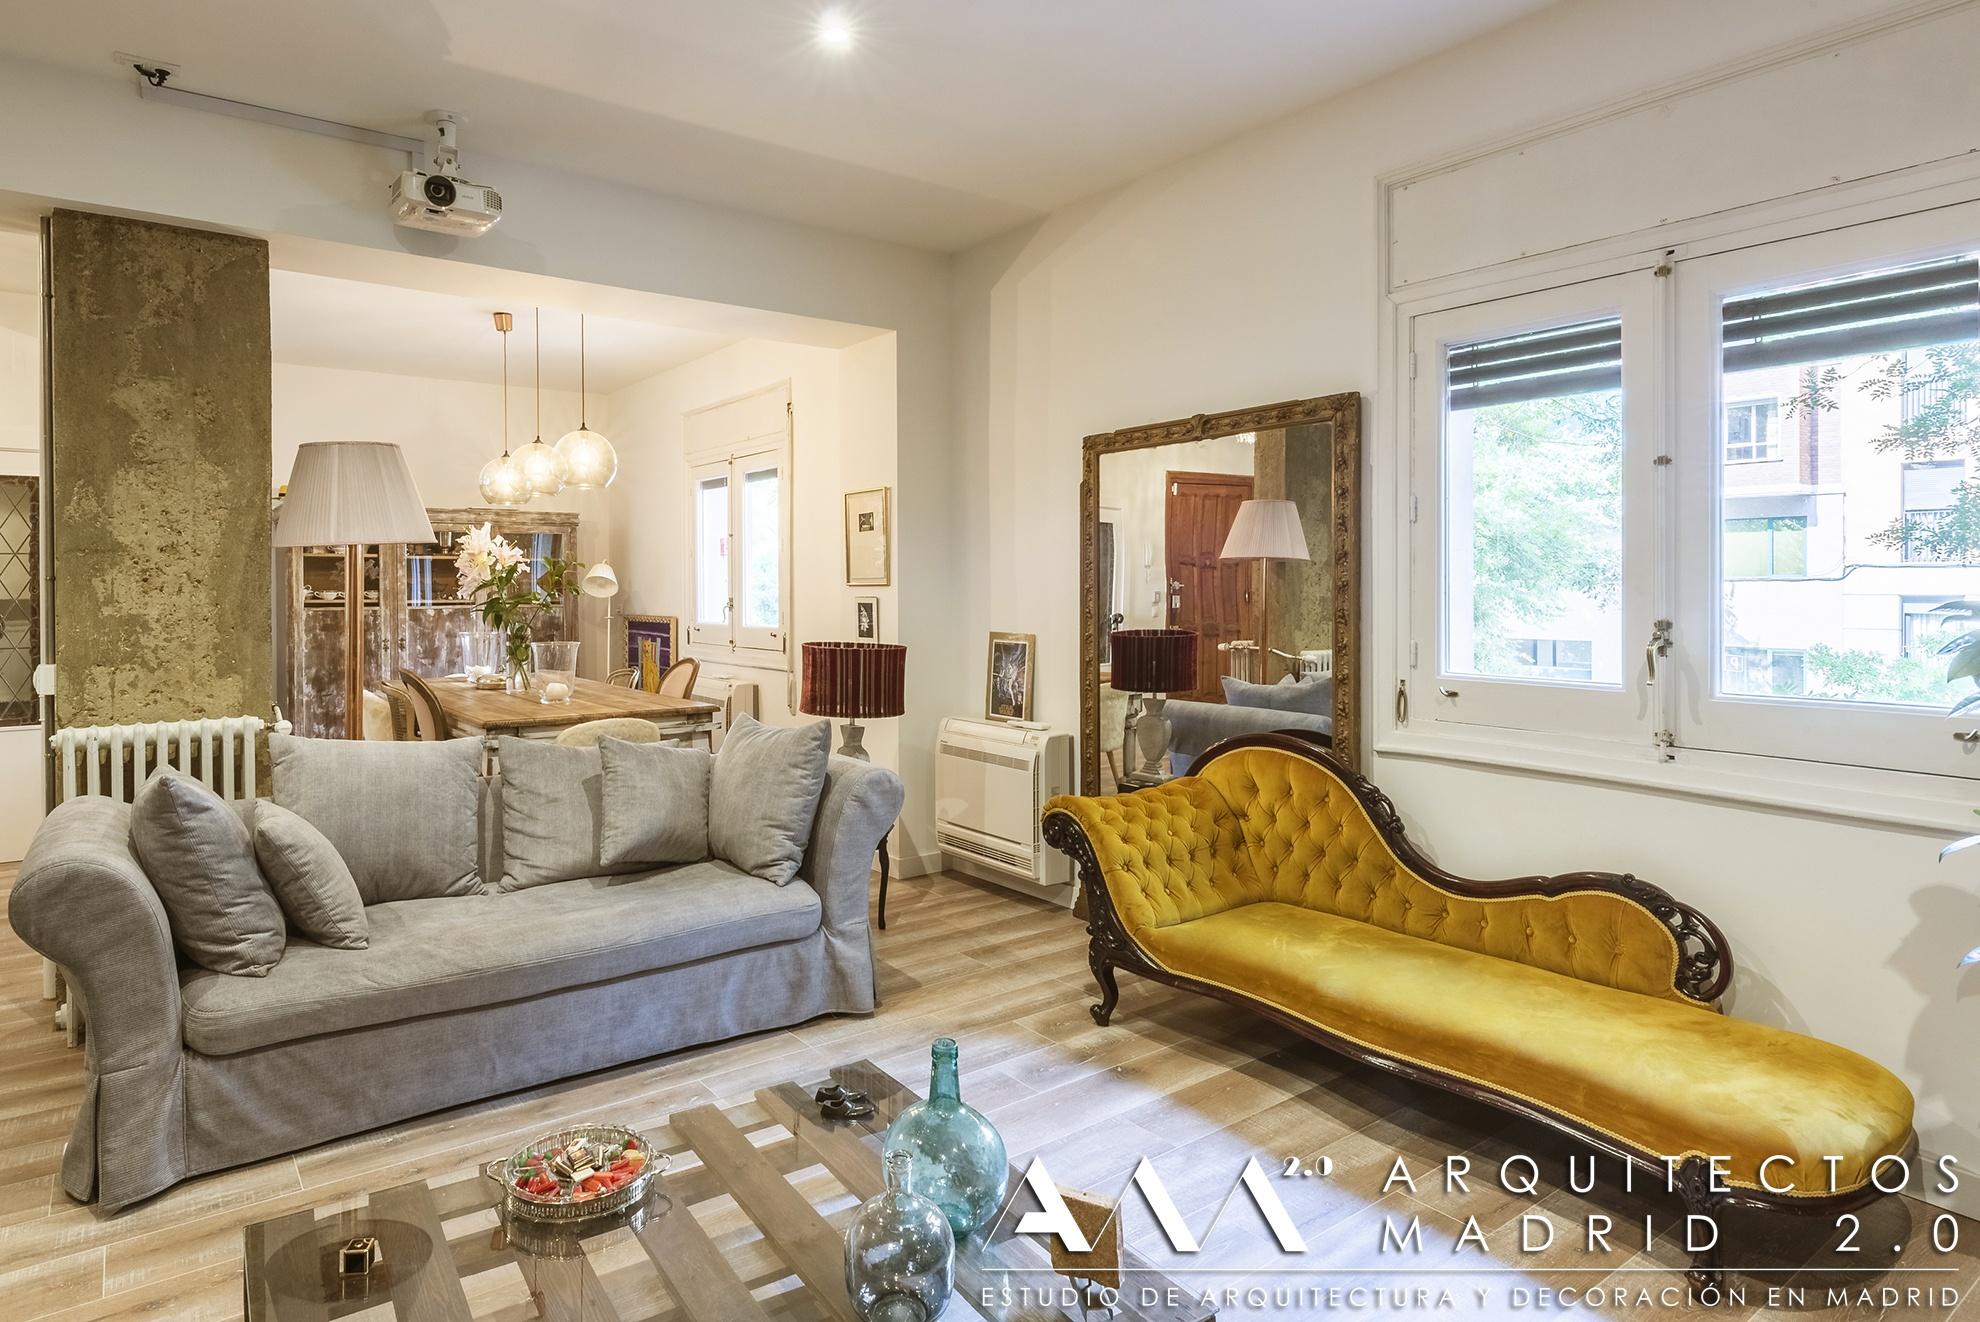 reforma-proyecto-vivienda-chamberi-arquitectos-madrid-decoracion-salon-estar-01